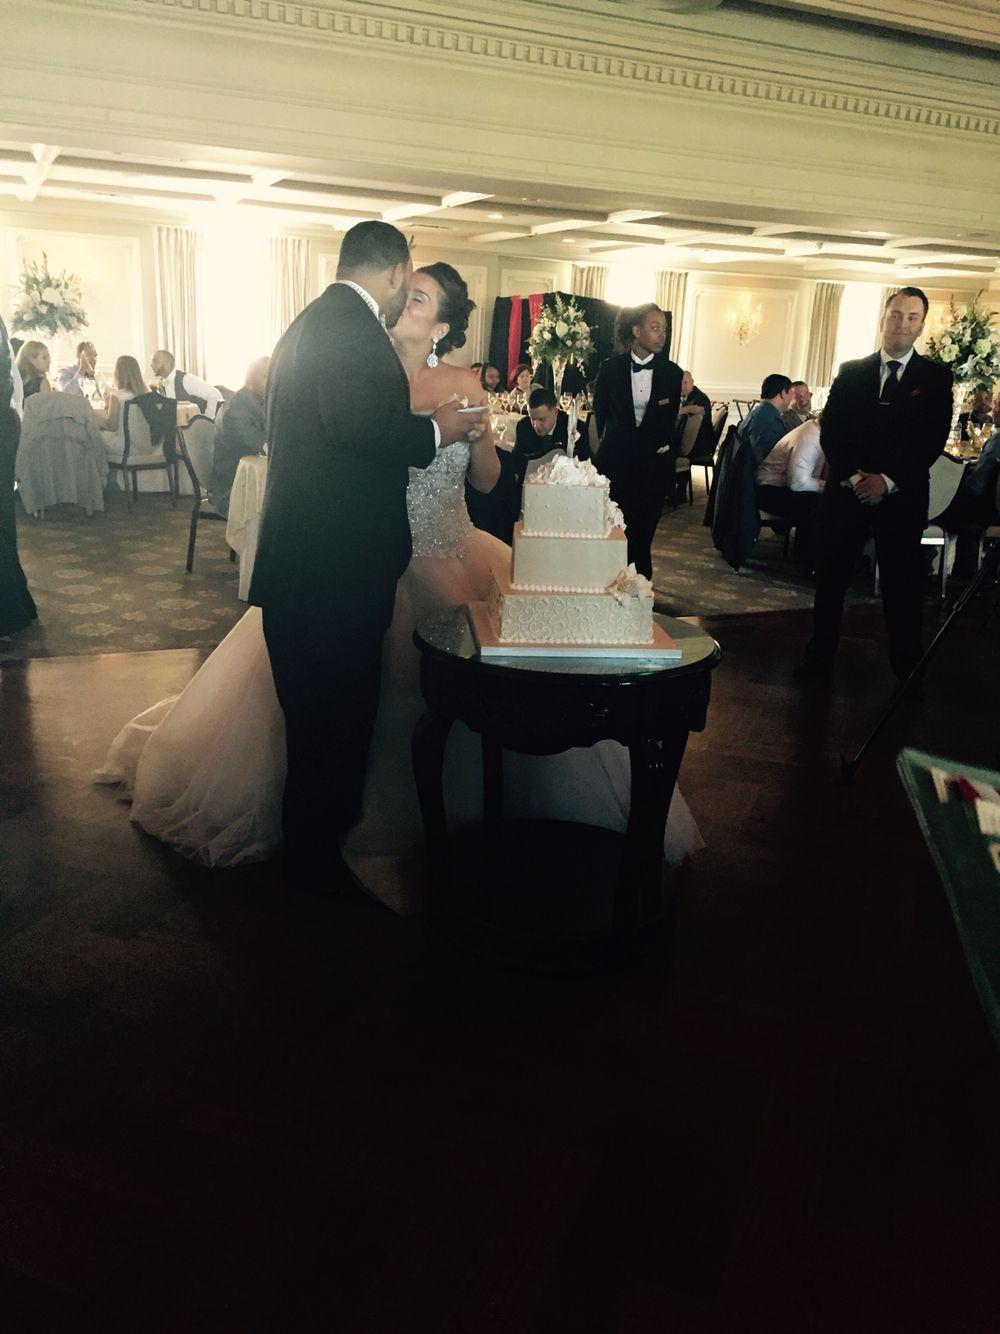 My aunts wedding